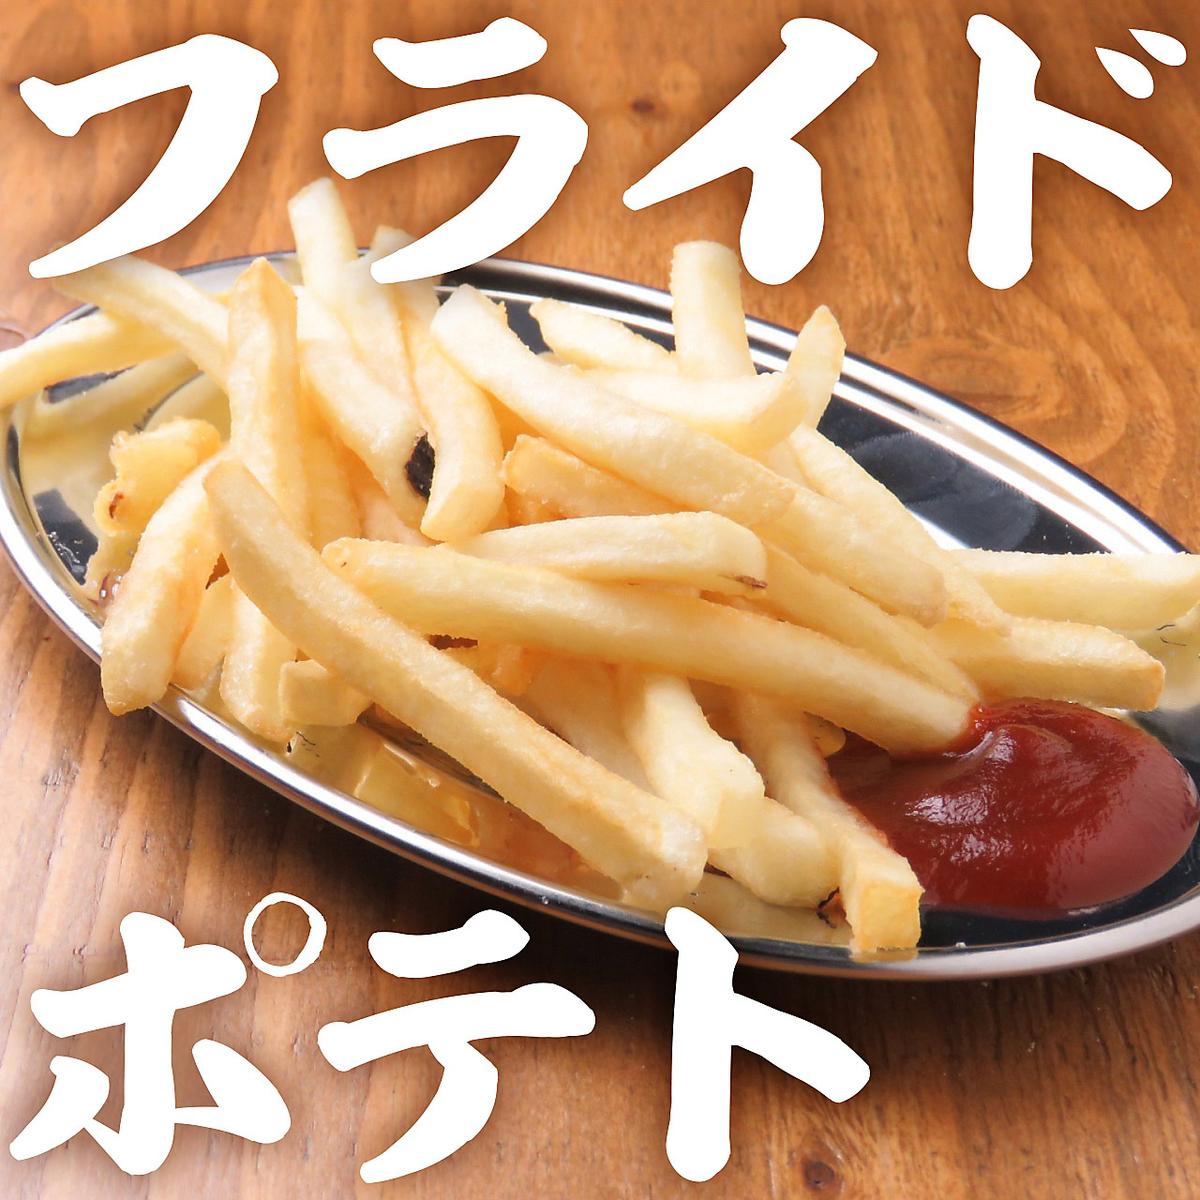 【炒物】炒土豆盐,紫菜盐,红辣椒